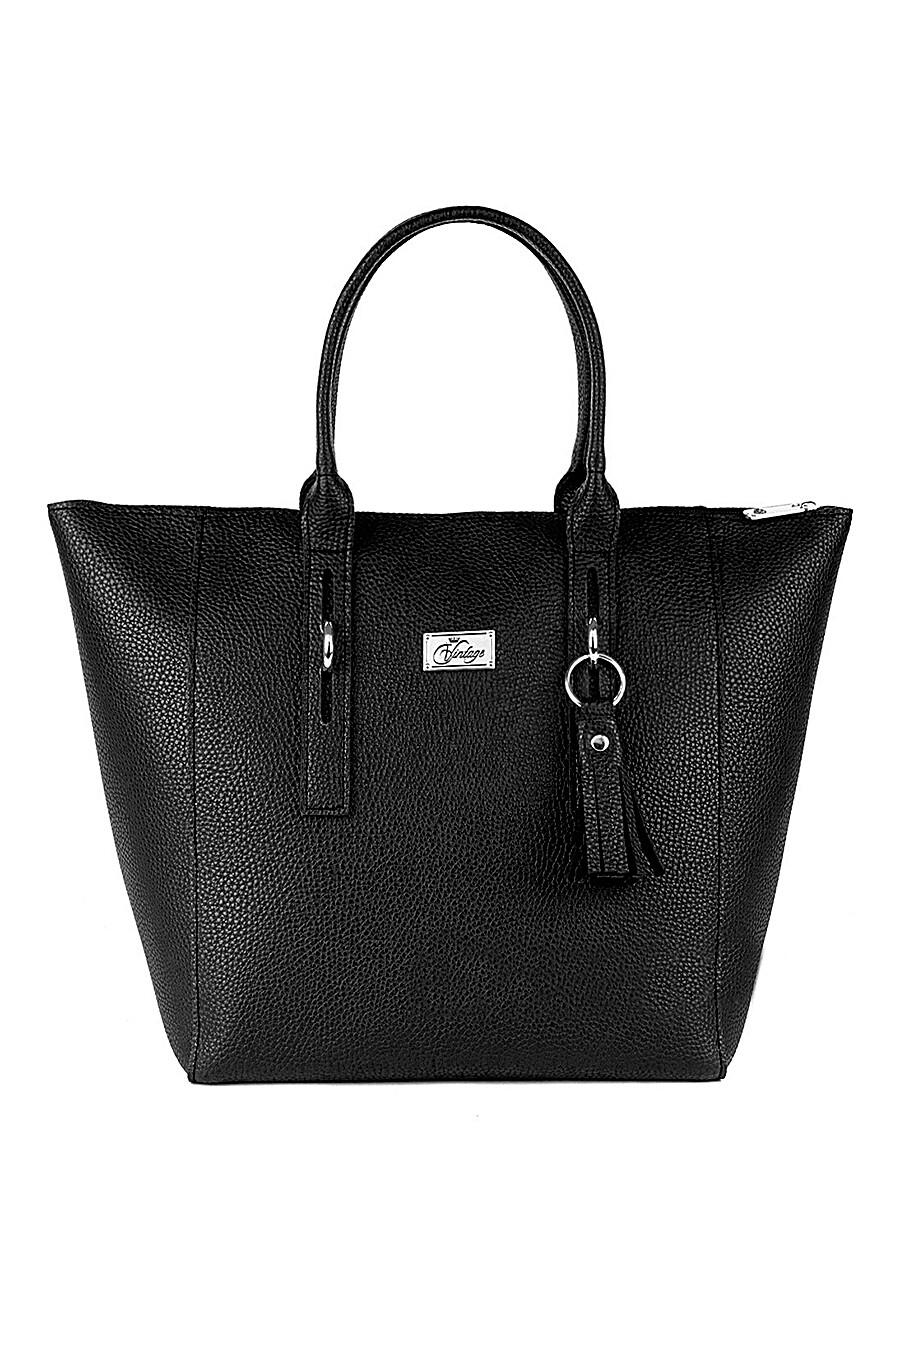 Сумка для женщин L-CRAFT 668323 купить оптом от производителя. Совместная покупка женской одежды в OptMoyo